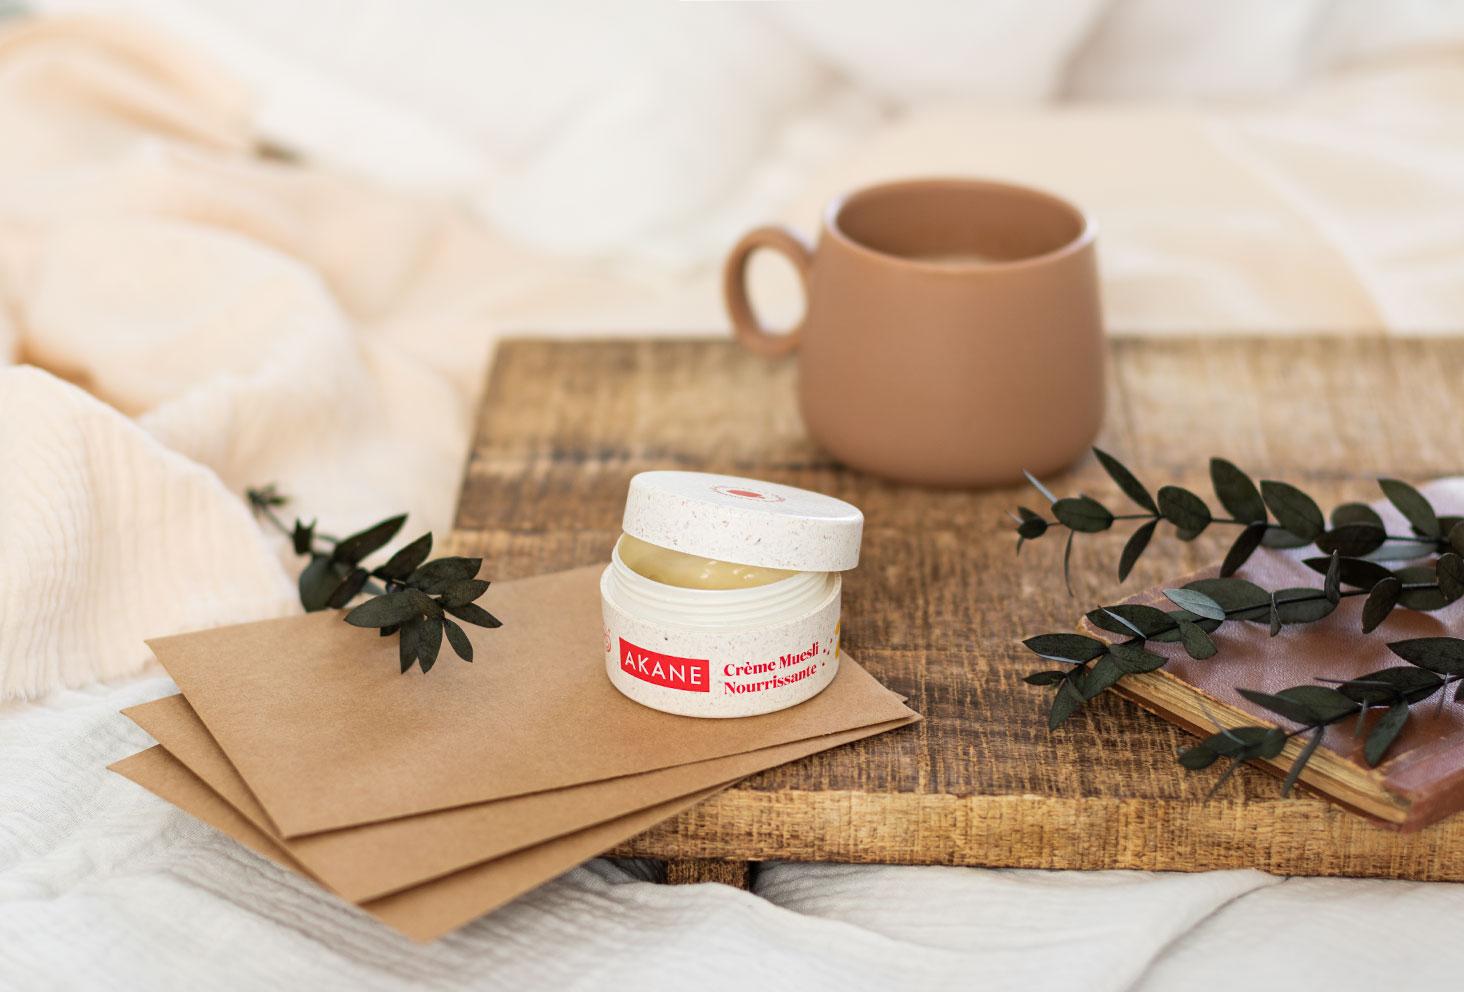 La crème muesli nourrissante de la marque Akane ouverte, posée sur un plateau sur un lit pour le petit déjeuner